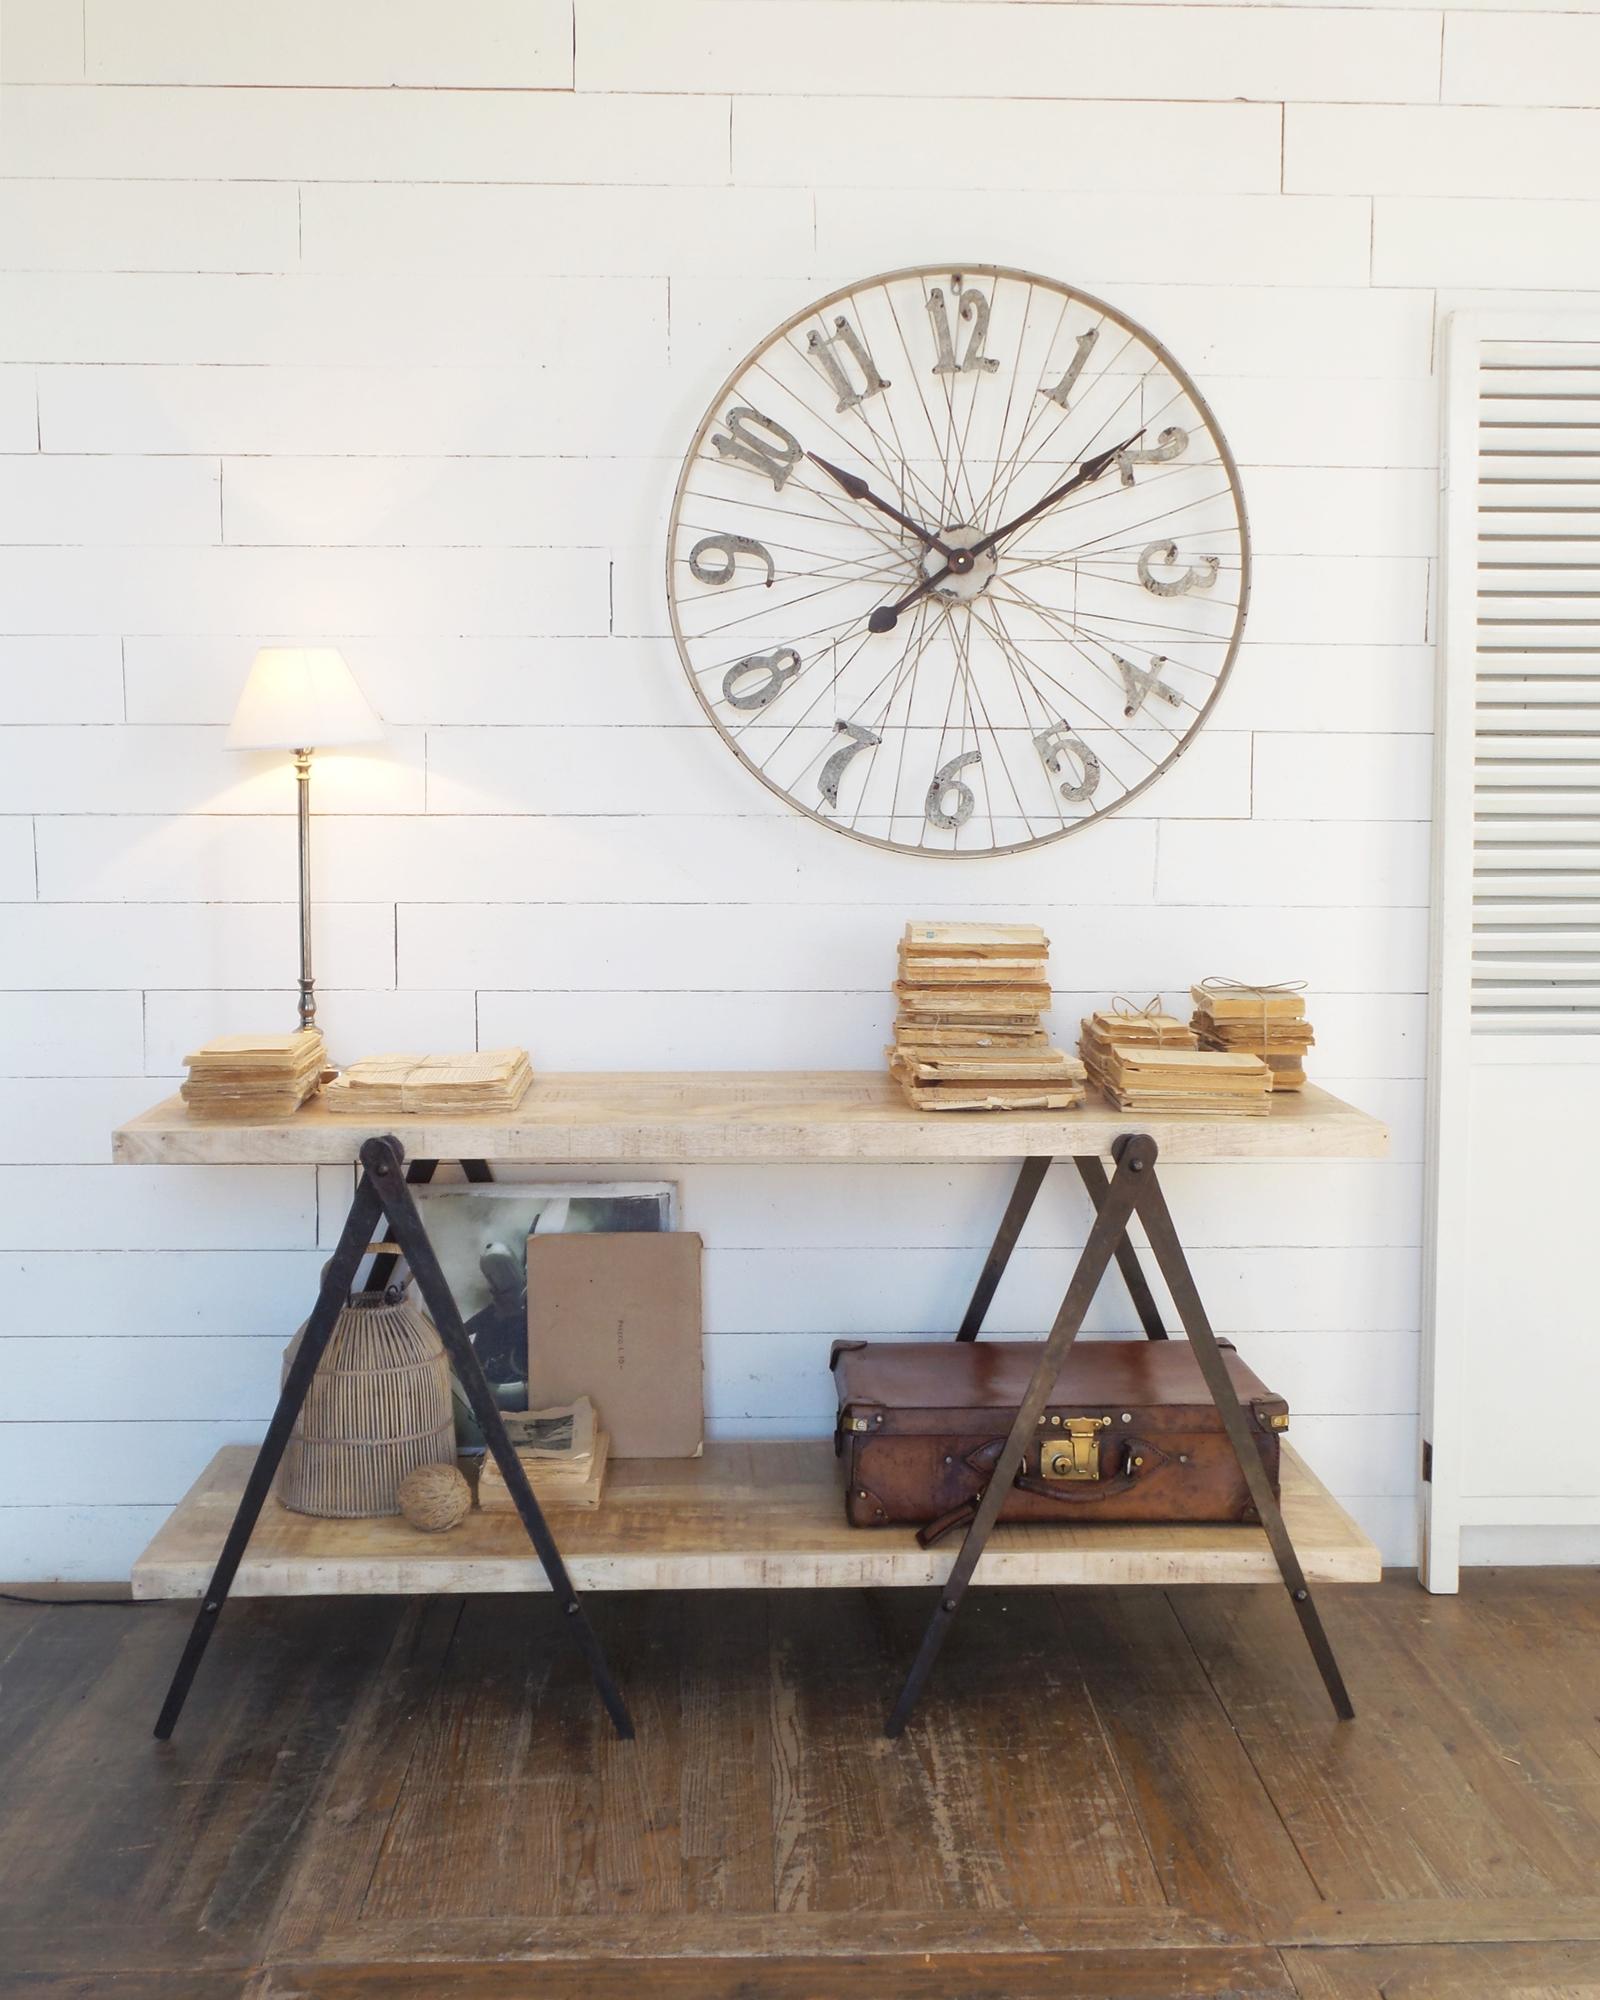 Consolle stile industrial legno di mango e ferro - Mobilia Store ...